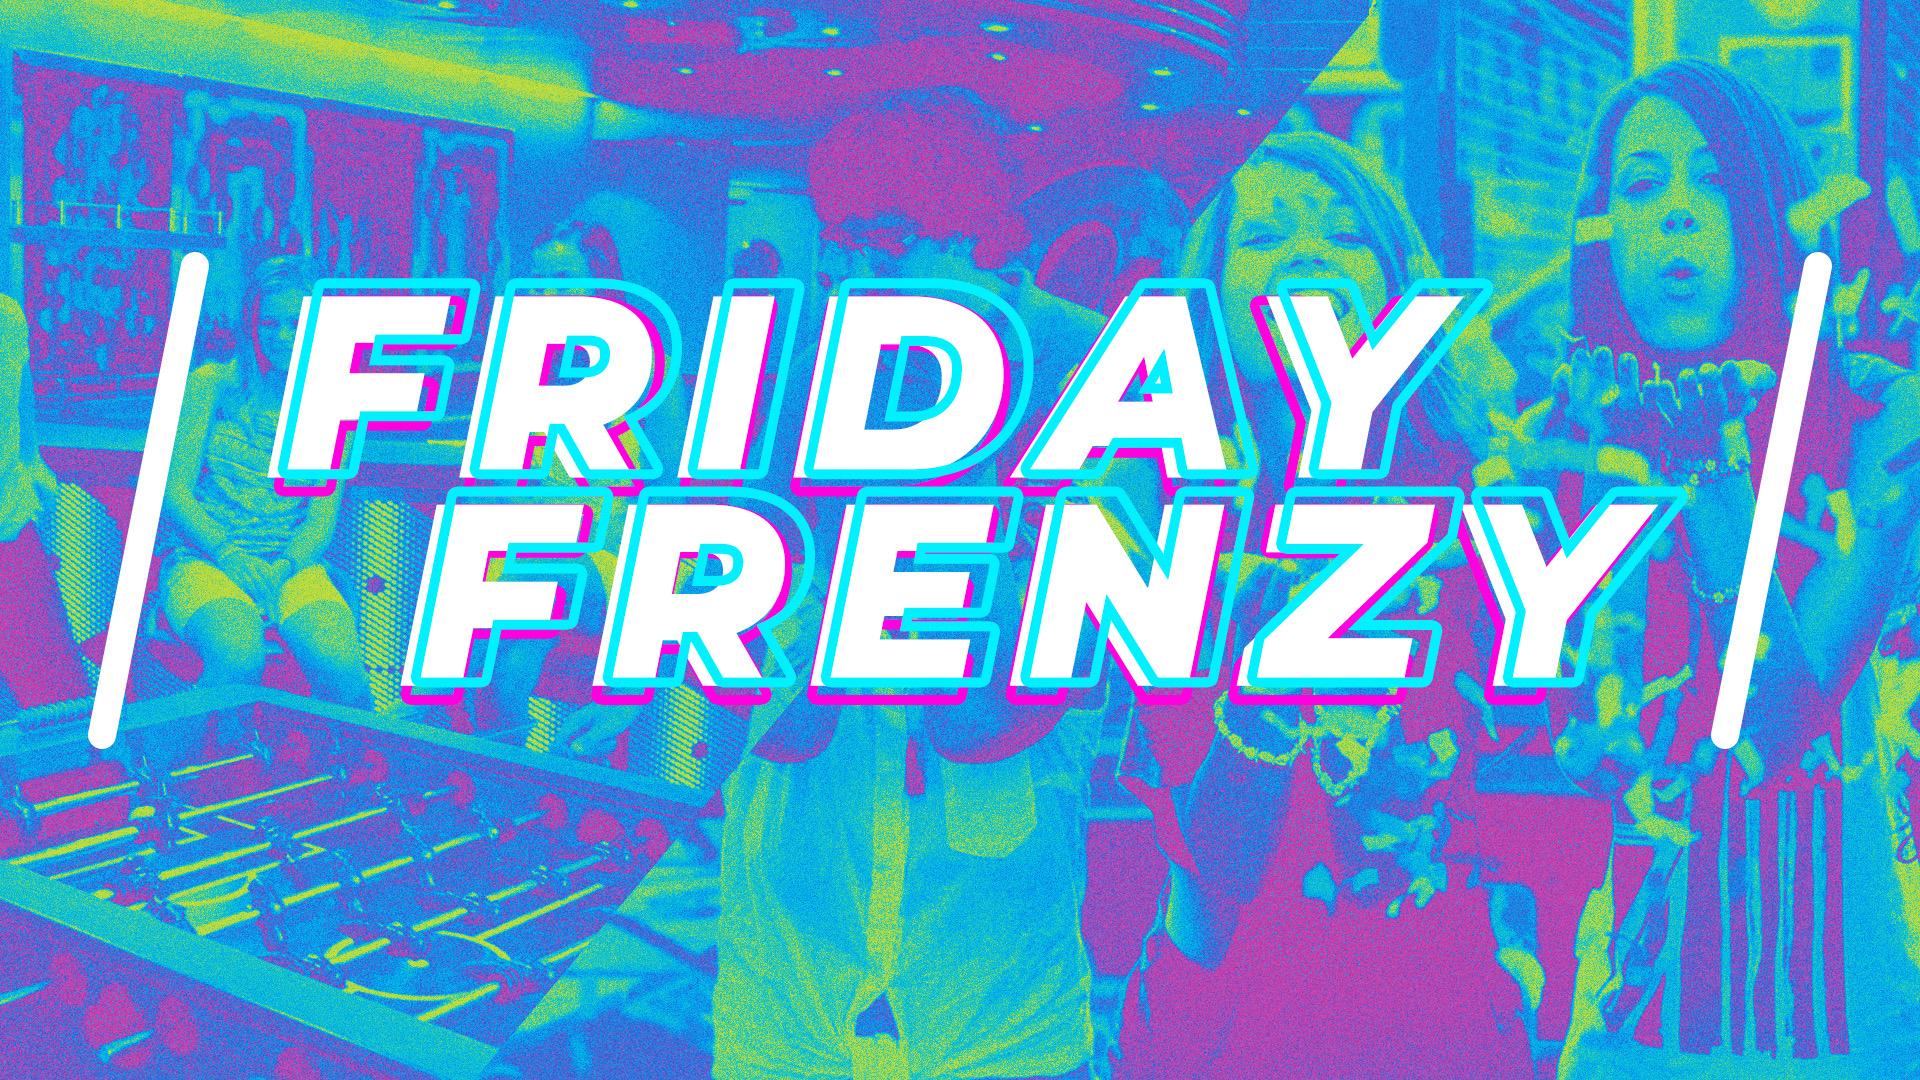 Friday Frenzy_FINAL.jpeg